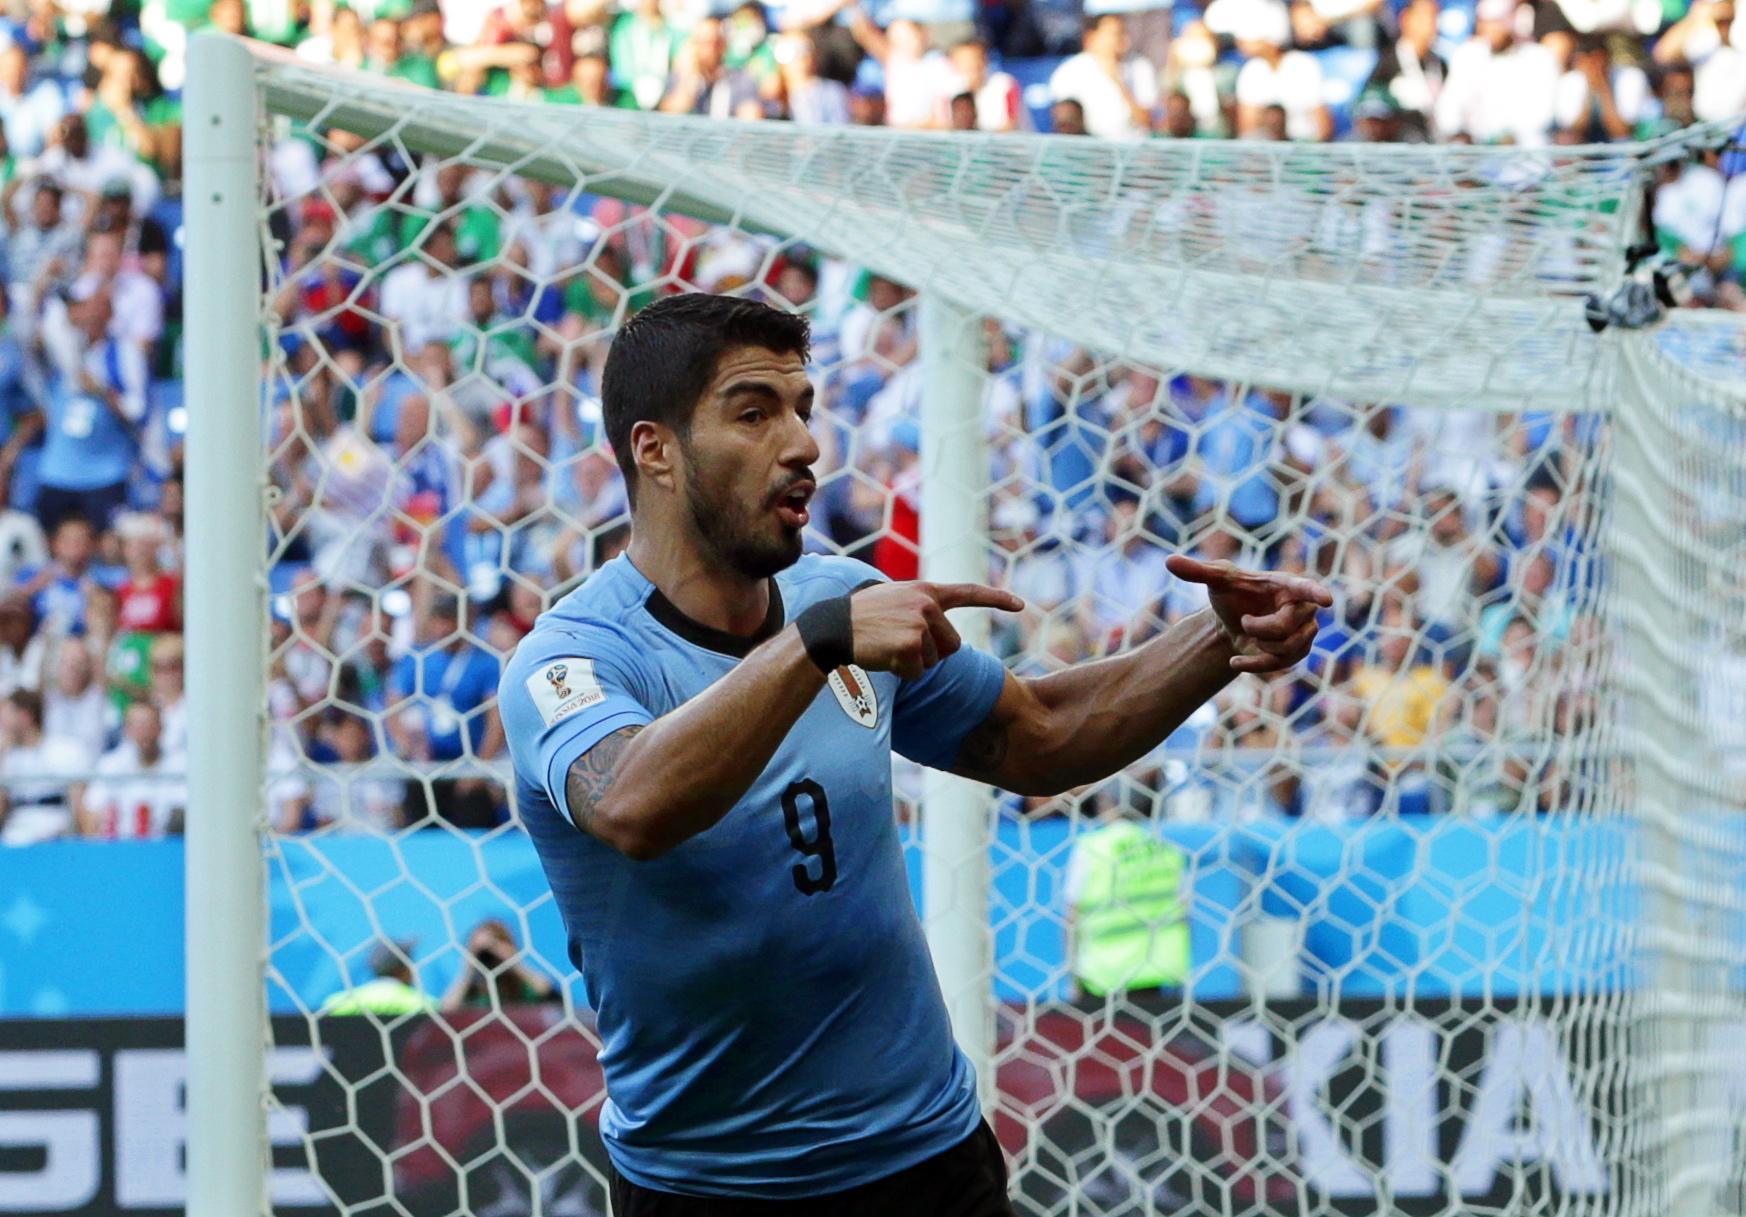 Os números do Uruguai – Arábia Saudita: Suárez foi o MVP num dia histórico